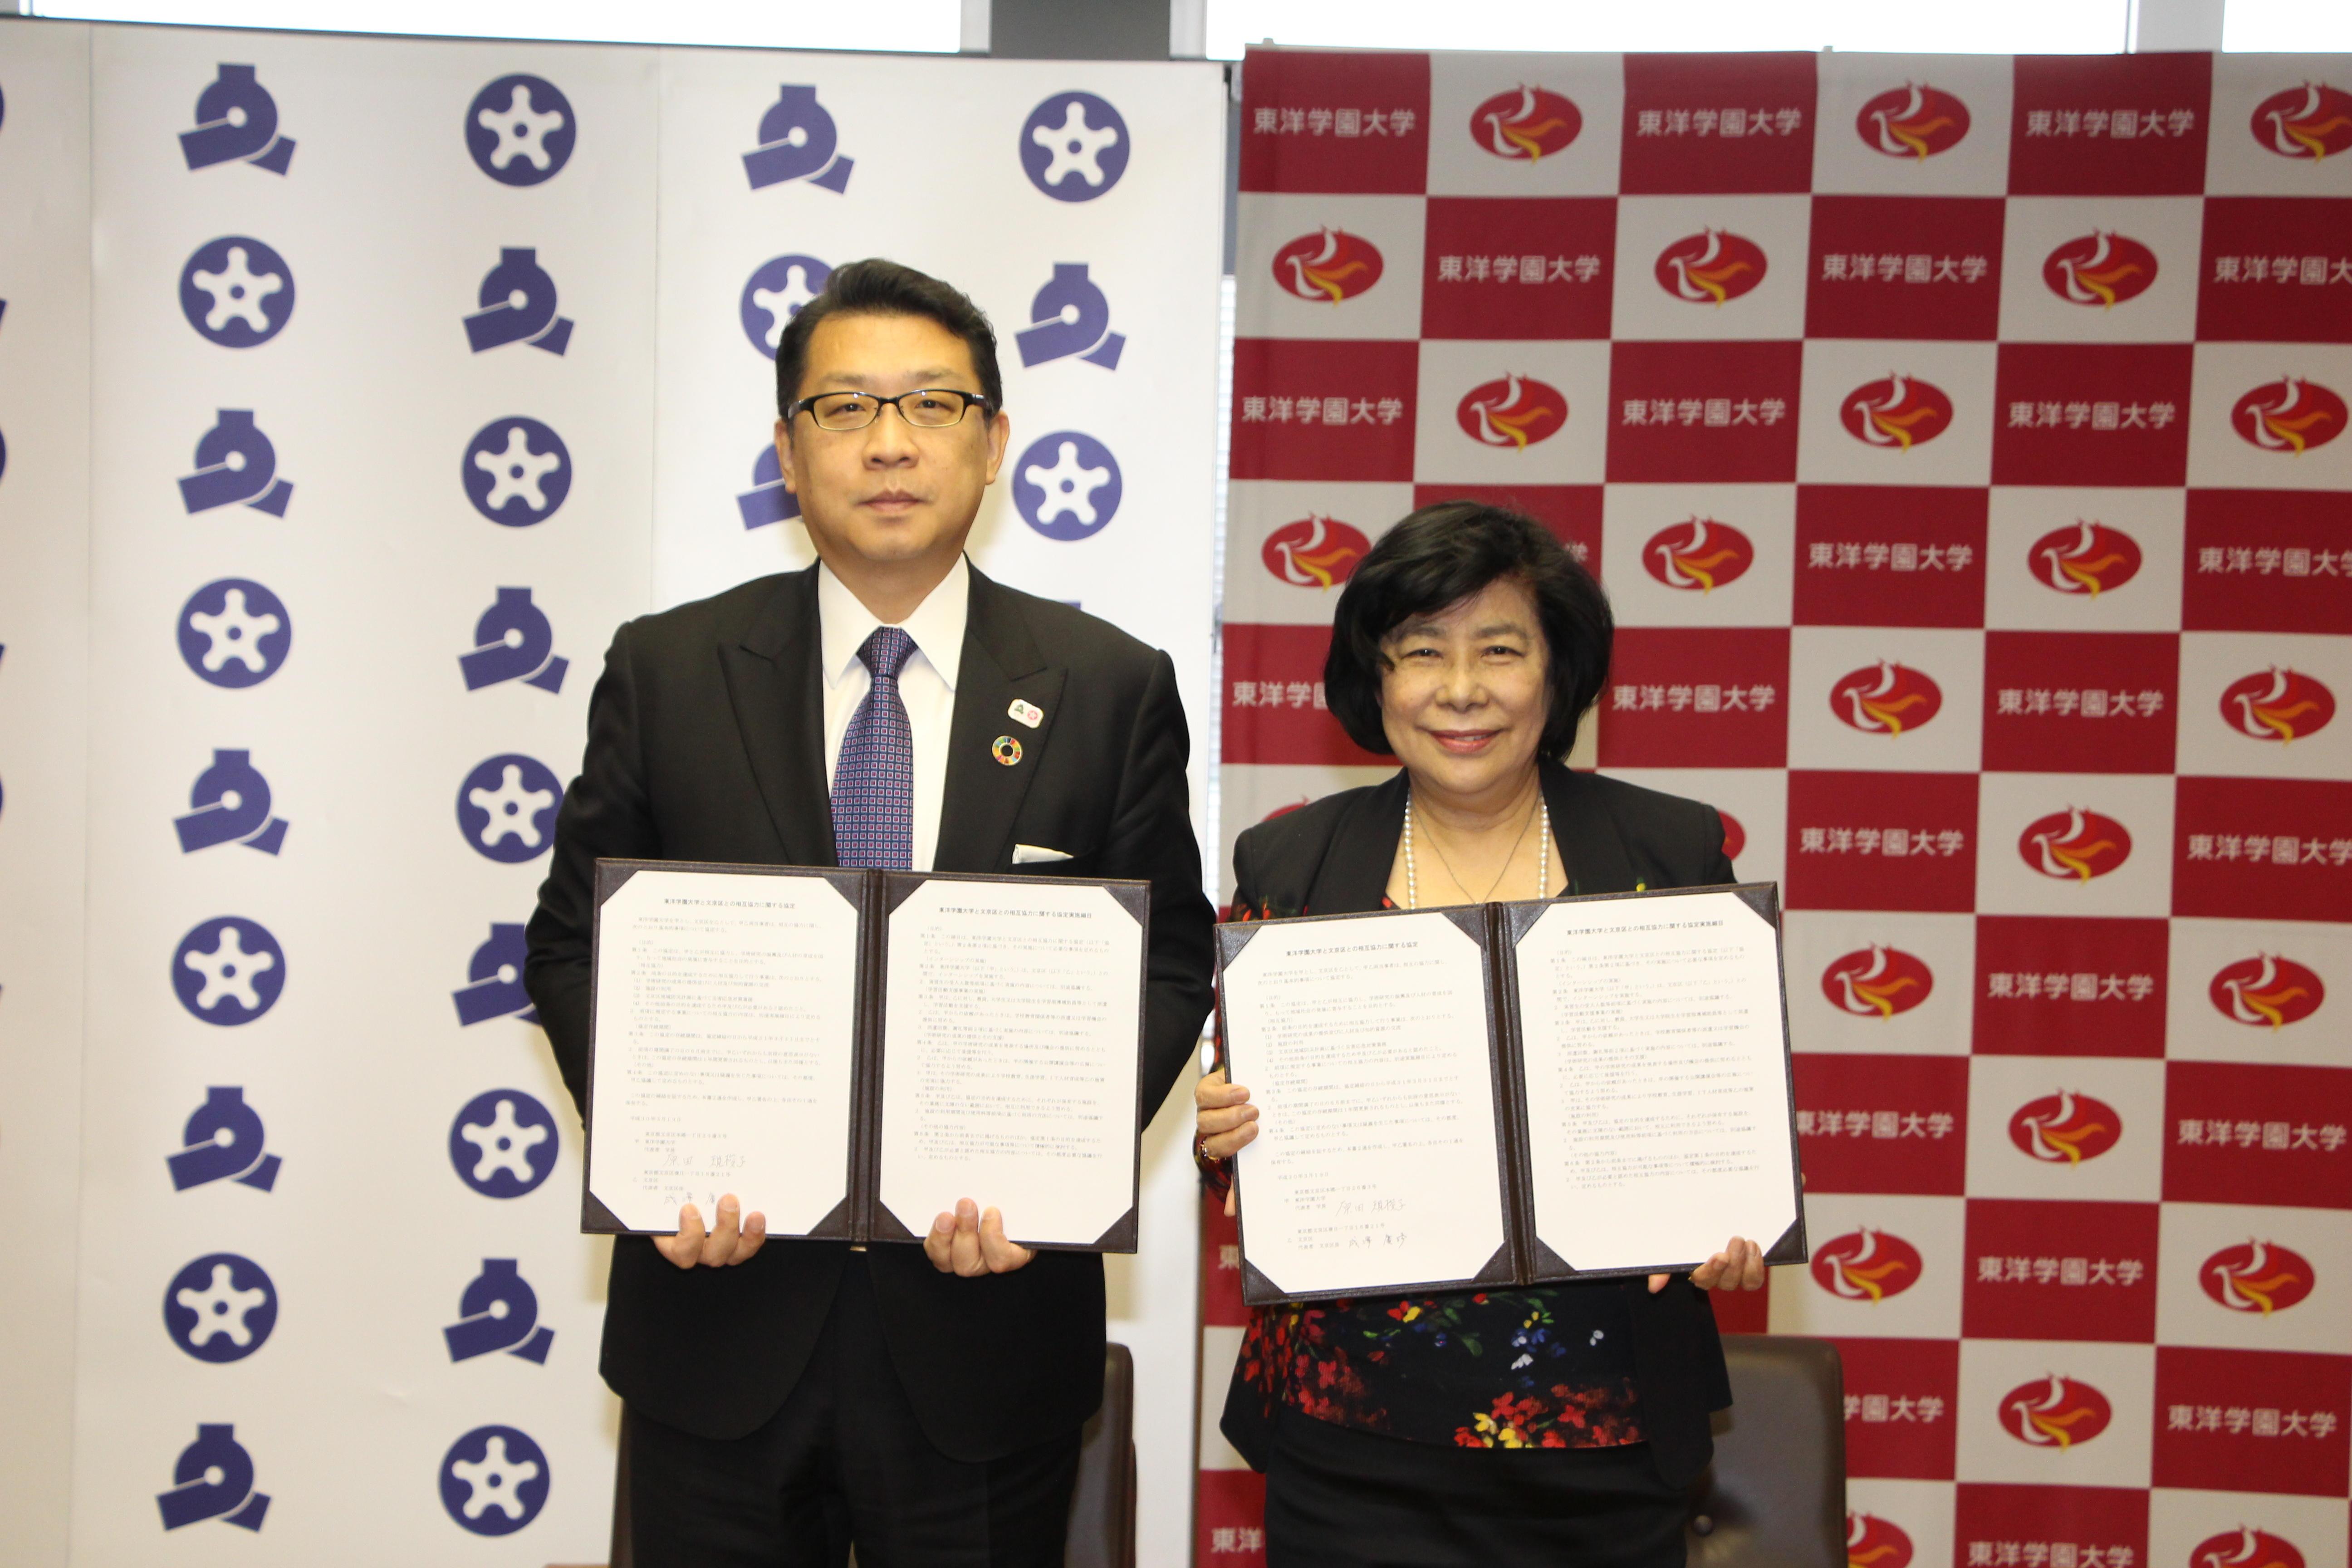 東洋学園大学と文京区が「相互協力に関する協定」を締結 -- 官学連携で人材育成と地域社会の発展を目指す